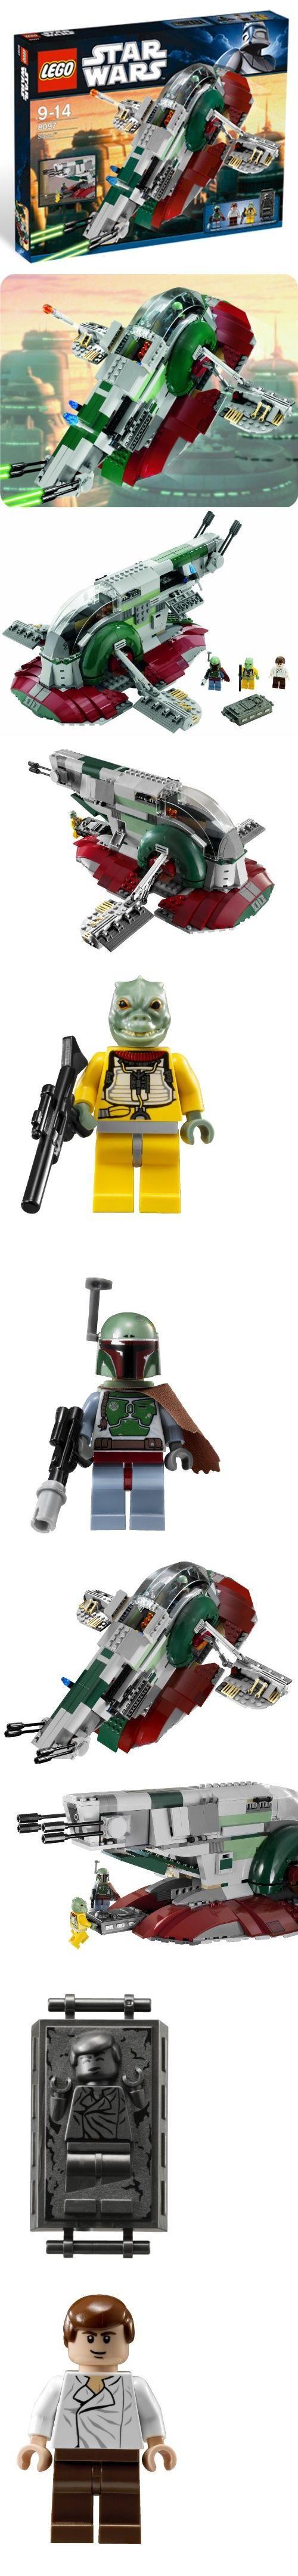 Die Besten Lego Ideen Auf Pinterest Ewok Star Wars Und - 25 2 lego star wars minifigures han solo han in carbonite blaster